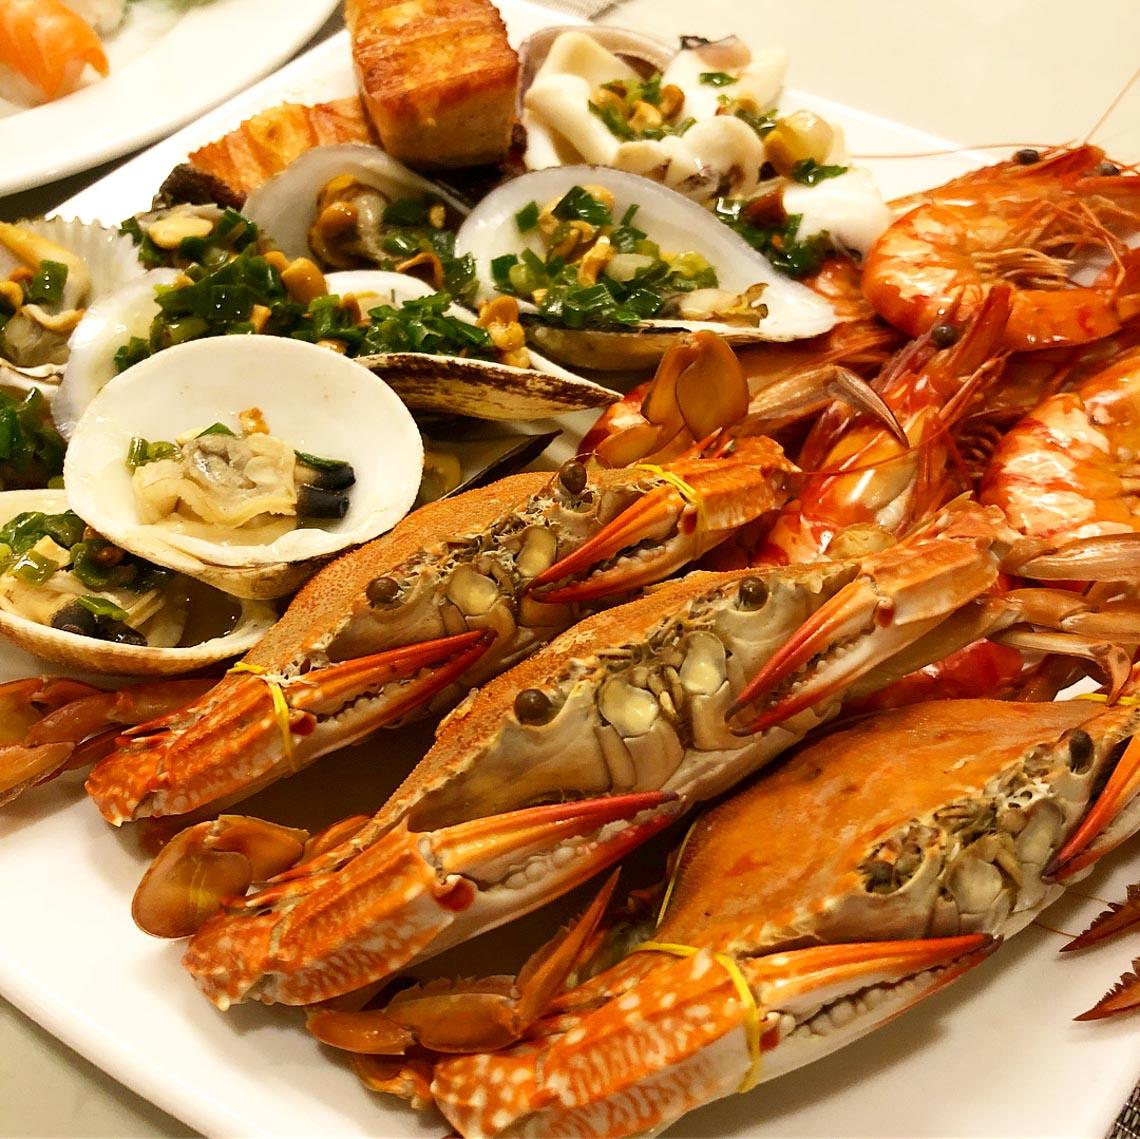 Lý do Nha Trang trở thành 1 trong 29 vịnh biển đẹp nhất thế giới do CLB những vịnh đẹp nhất thế giới bình chọn -6